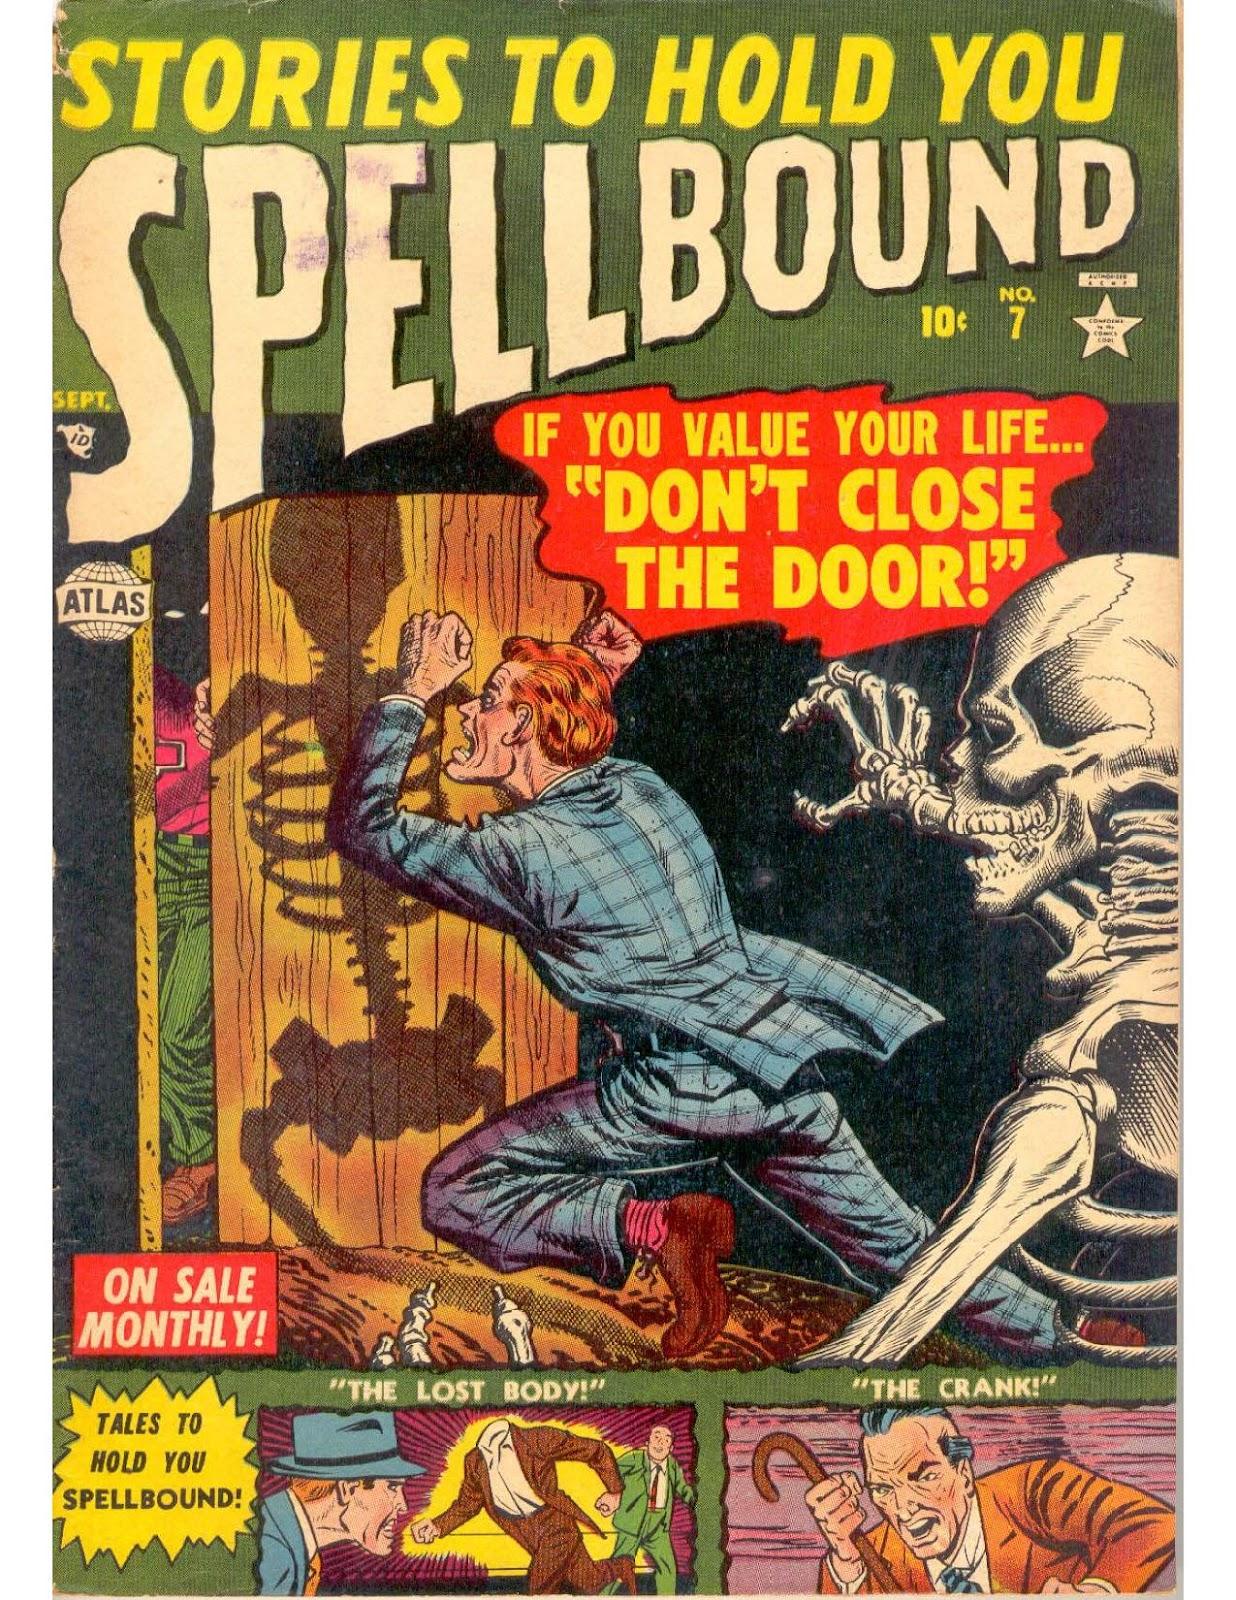 Spellbound (1952) issue 7 - Page 1